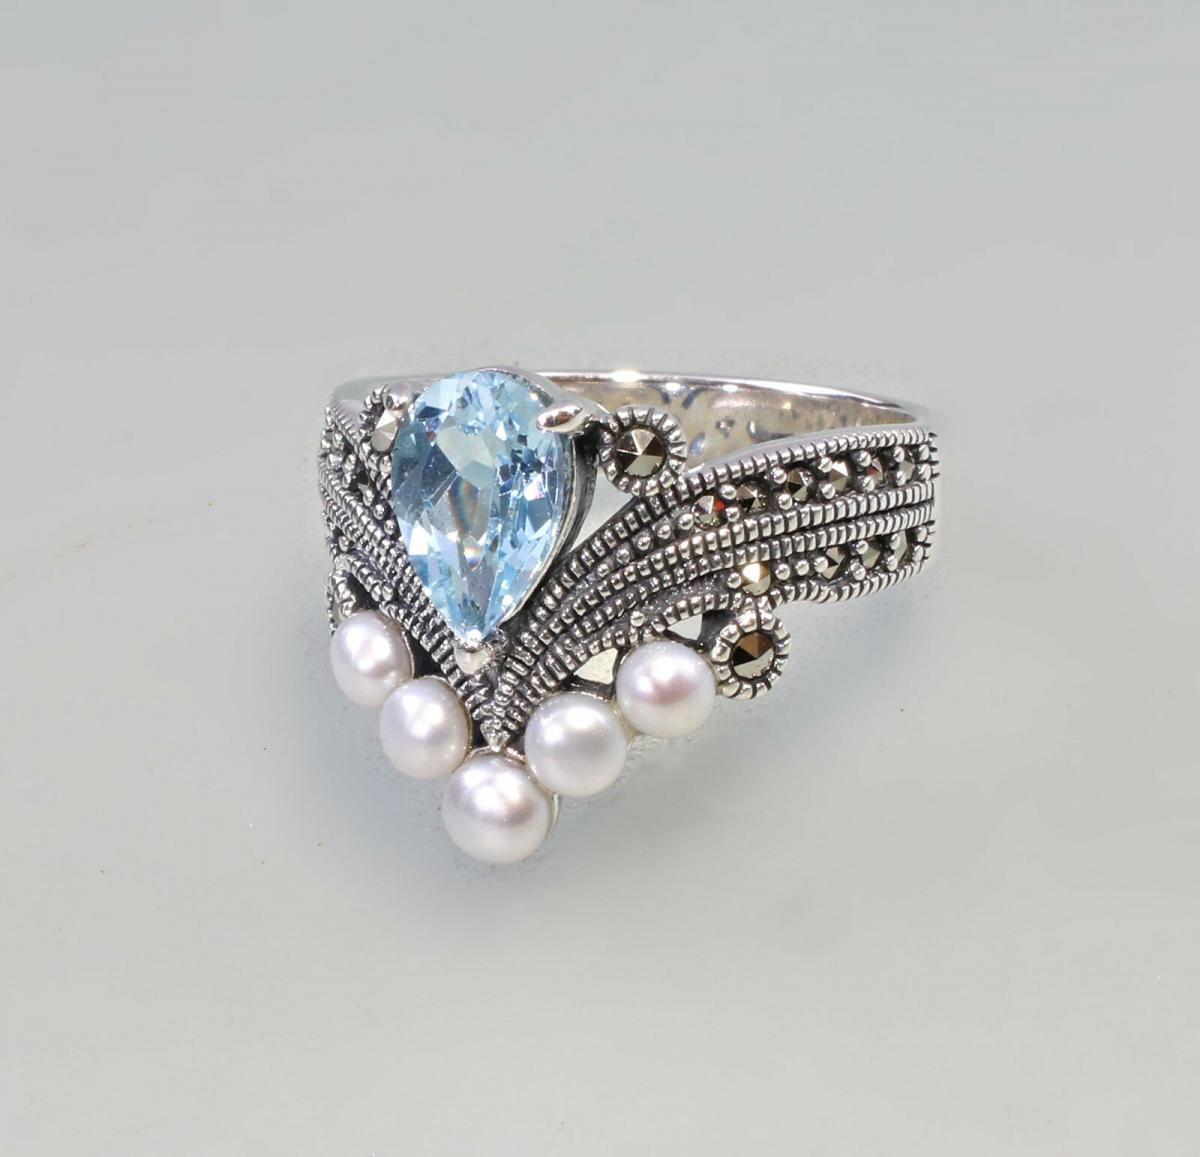 9927204 925er Silber Blautopas-Perlen-Ring Markasiten Gr.55